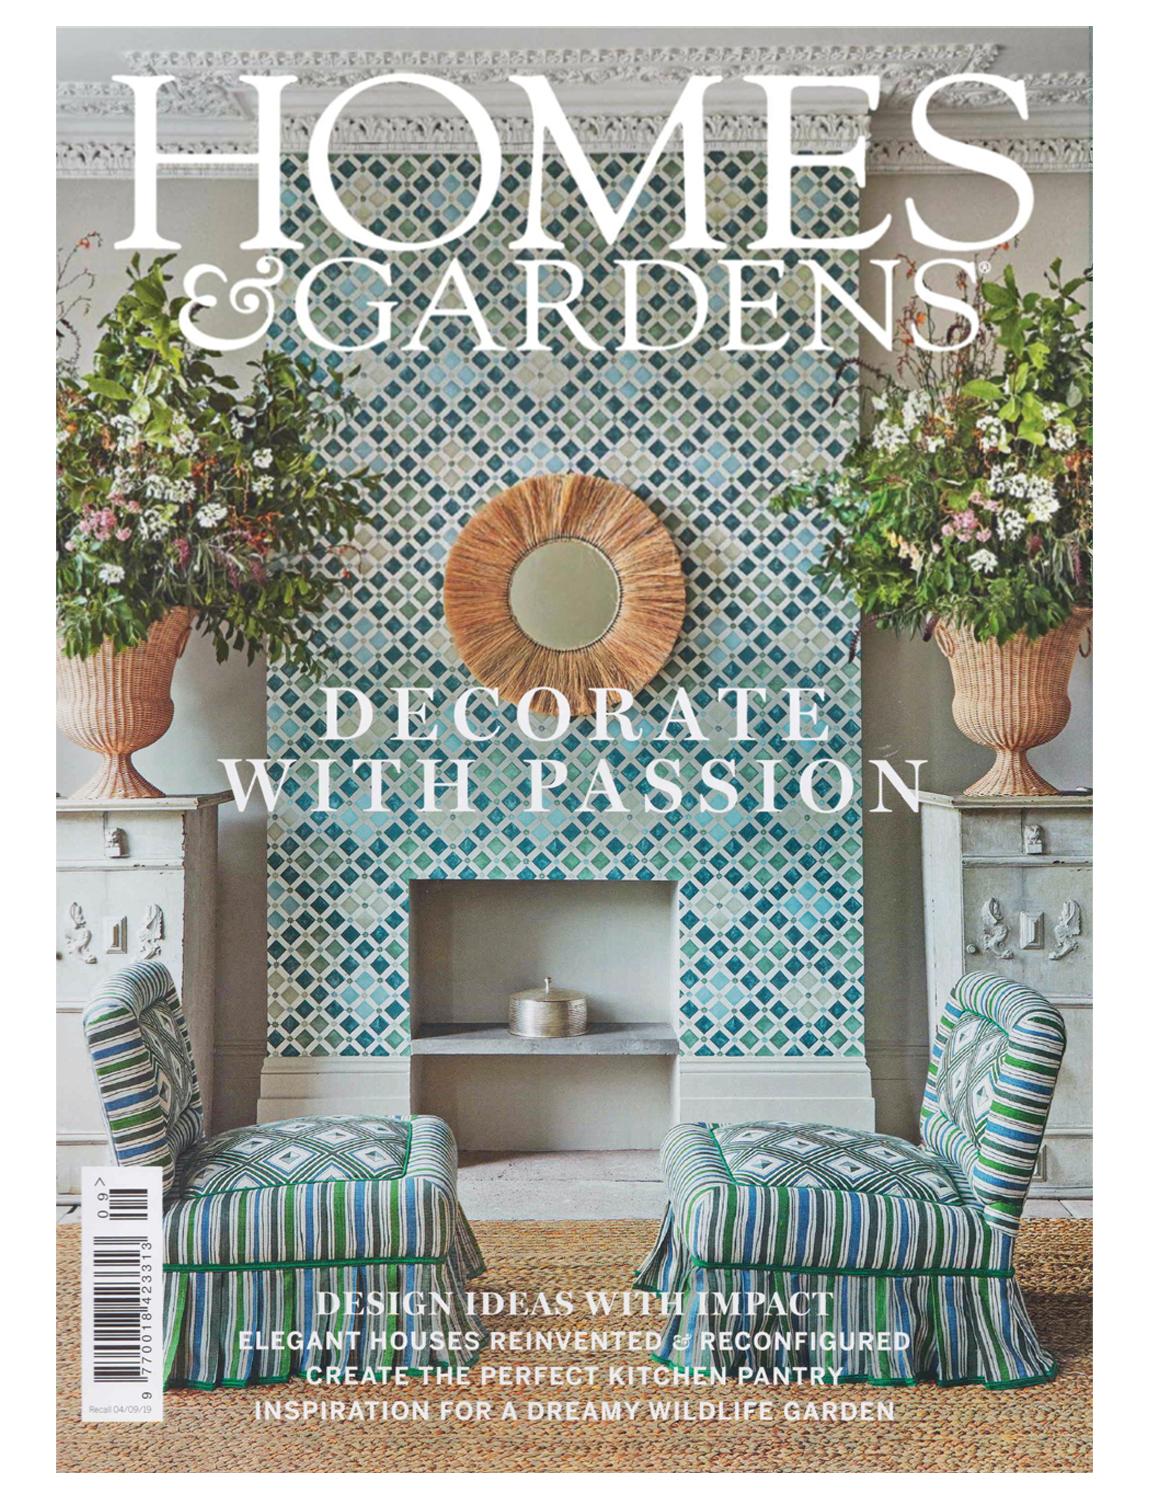 Interior Design Magazine covers